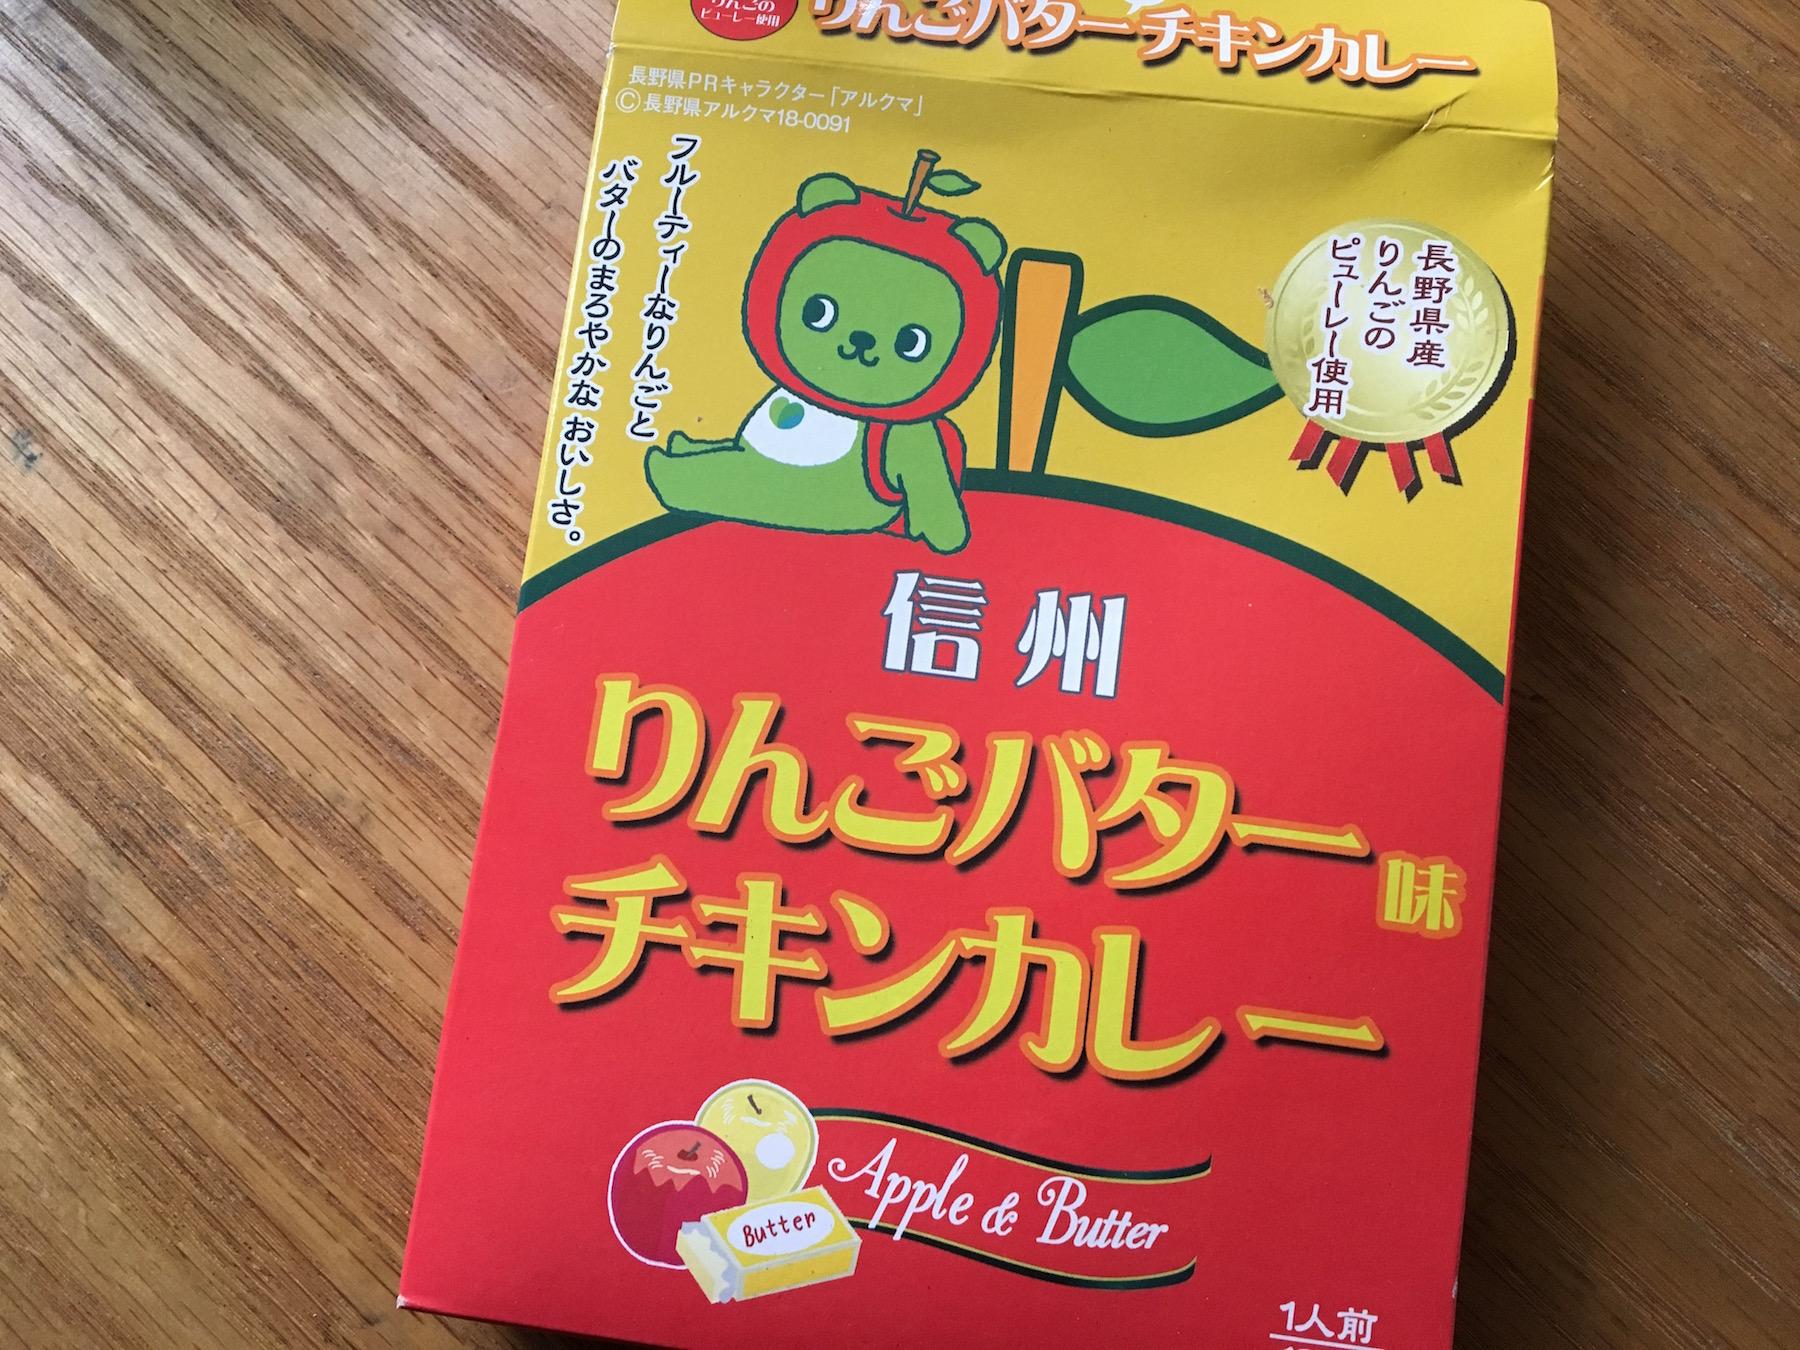 【レトルトカレー】信州りんごバター味チキンカレーを食べる